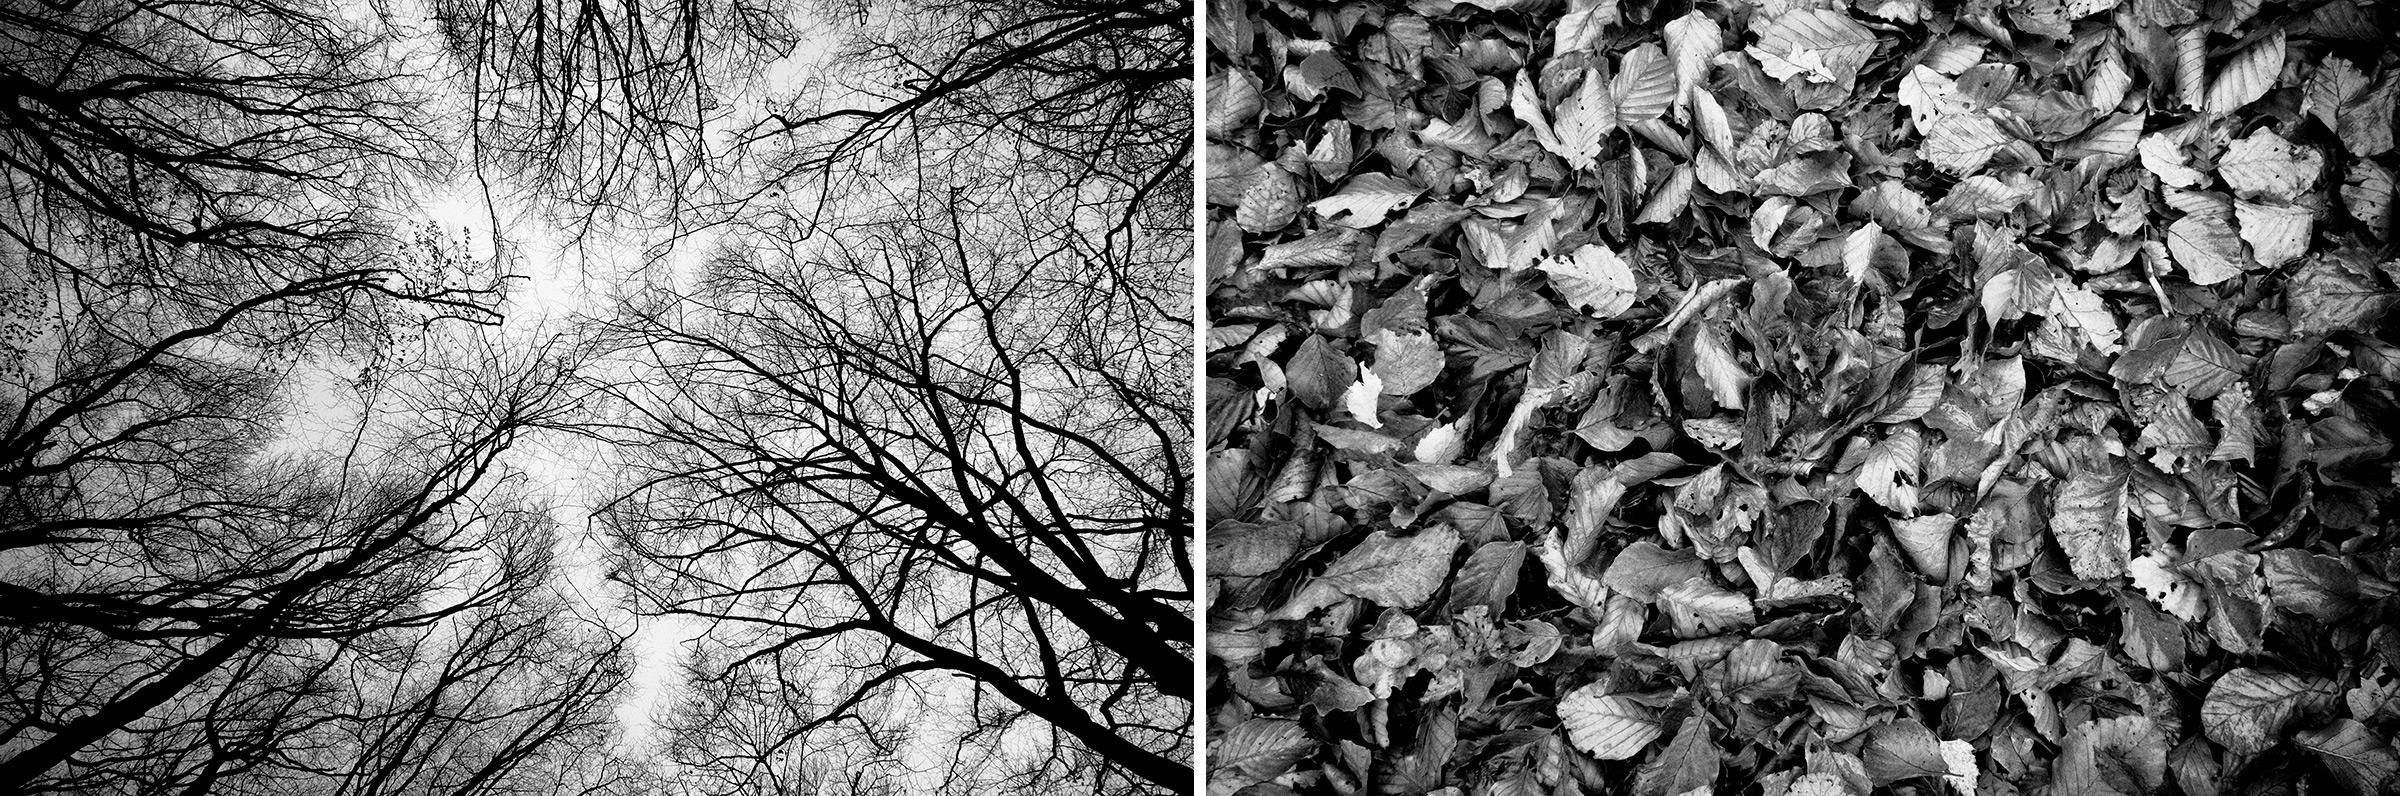 Fotokurs Landschaftsreportage, Fotos: Martin Hülle